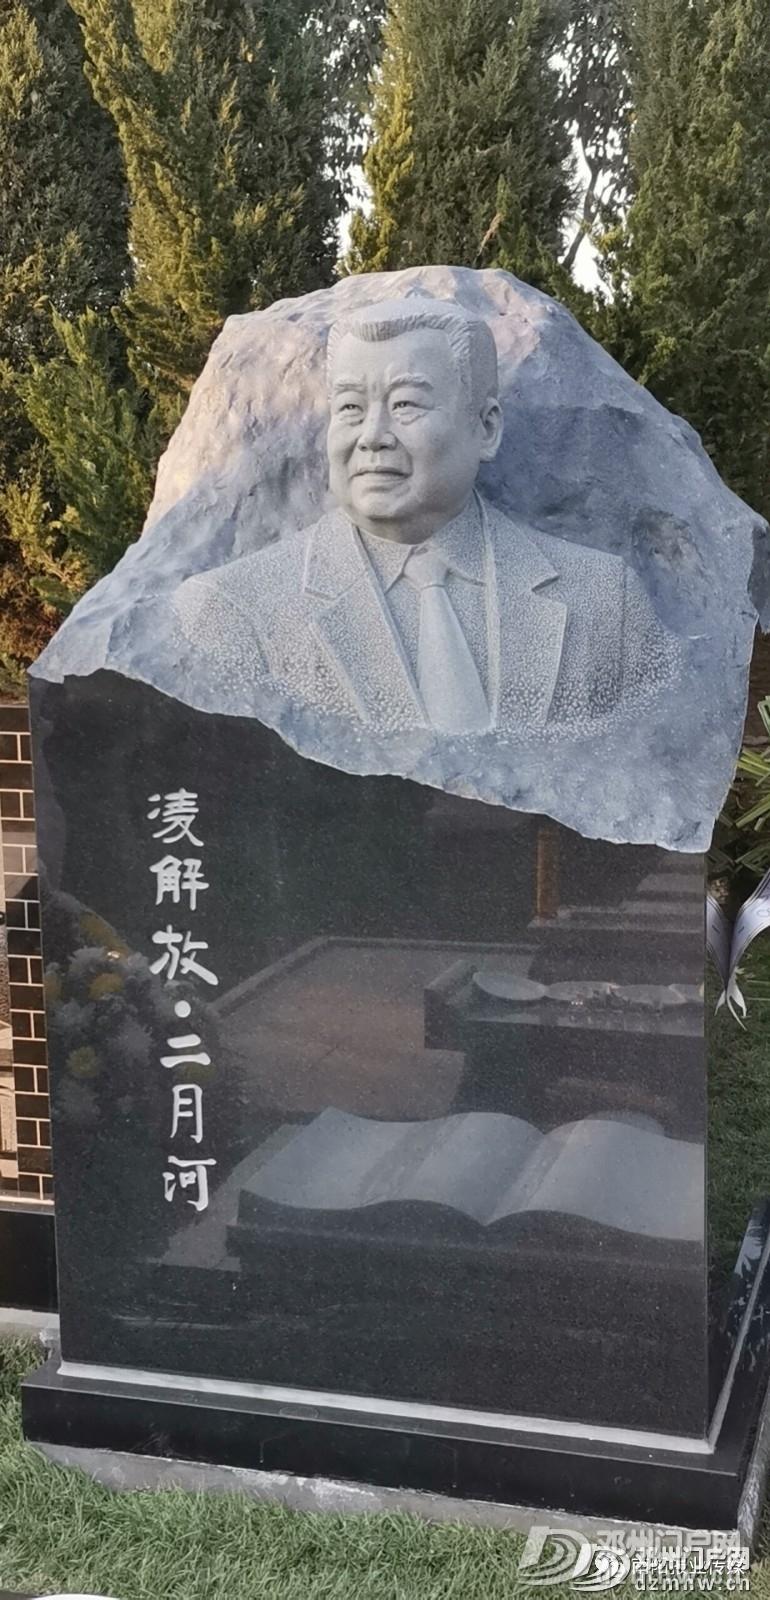 二月河先生昨日安葬,魂归南阳紫山 - 邓州门户网|邓州网 - bb7e93d9f8ec948425736fd7f1d060d2.jpg